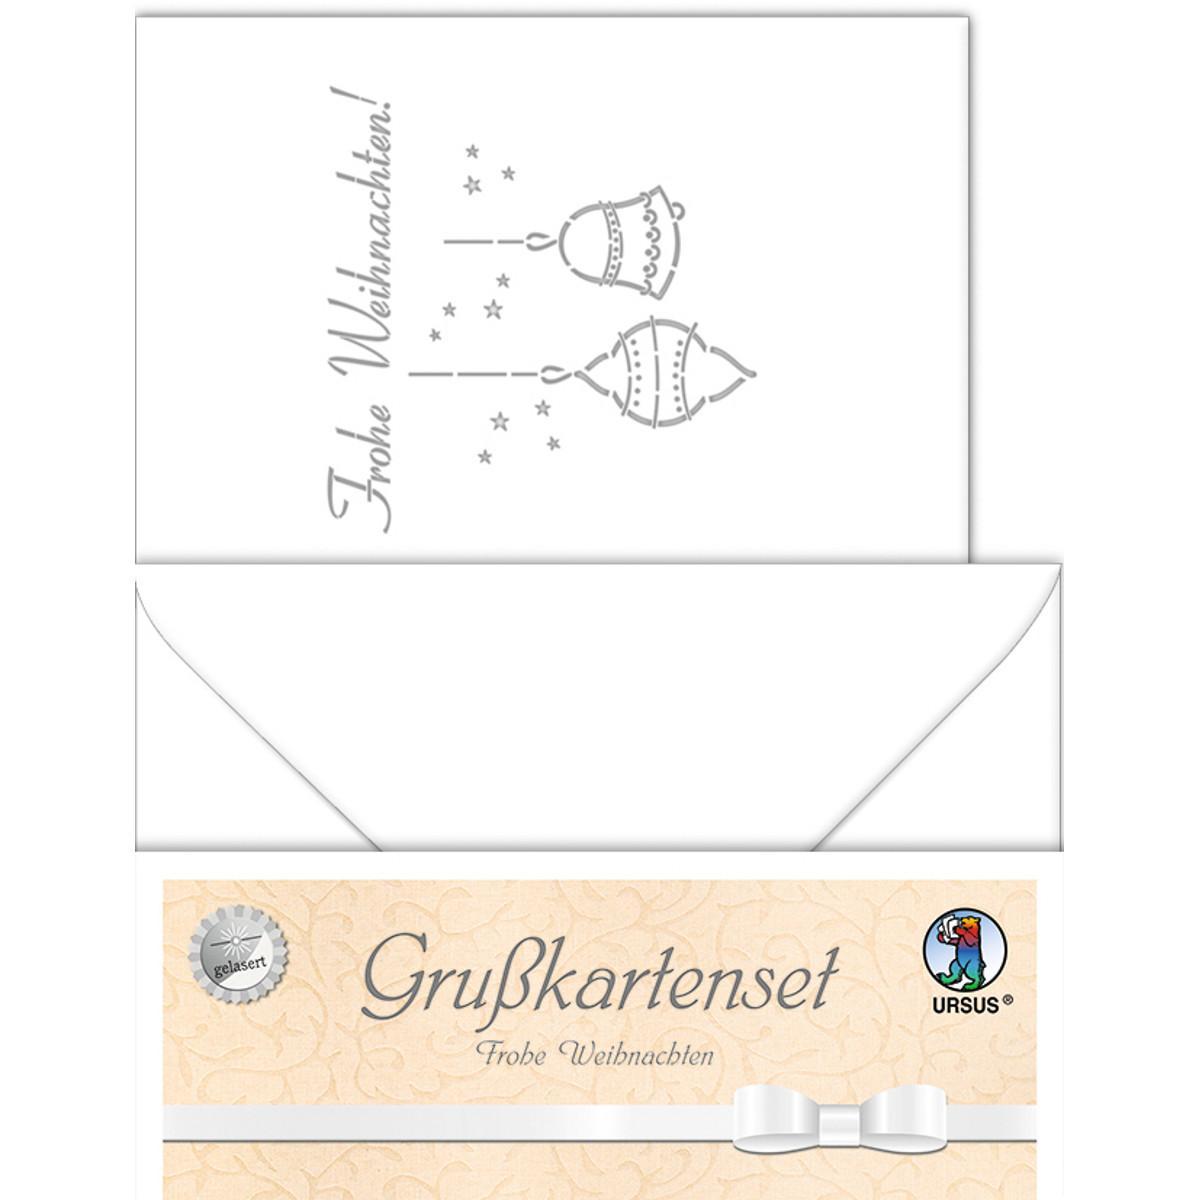 """Grußkarten """"gelasert"""" Frohe Weihnachten weiß - 5 Karten"""